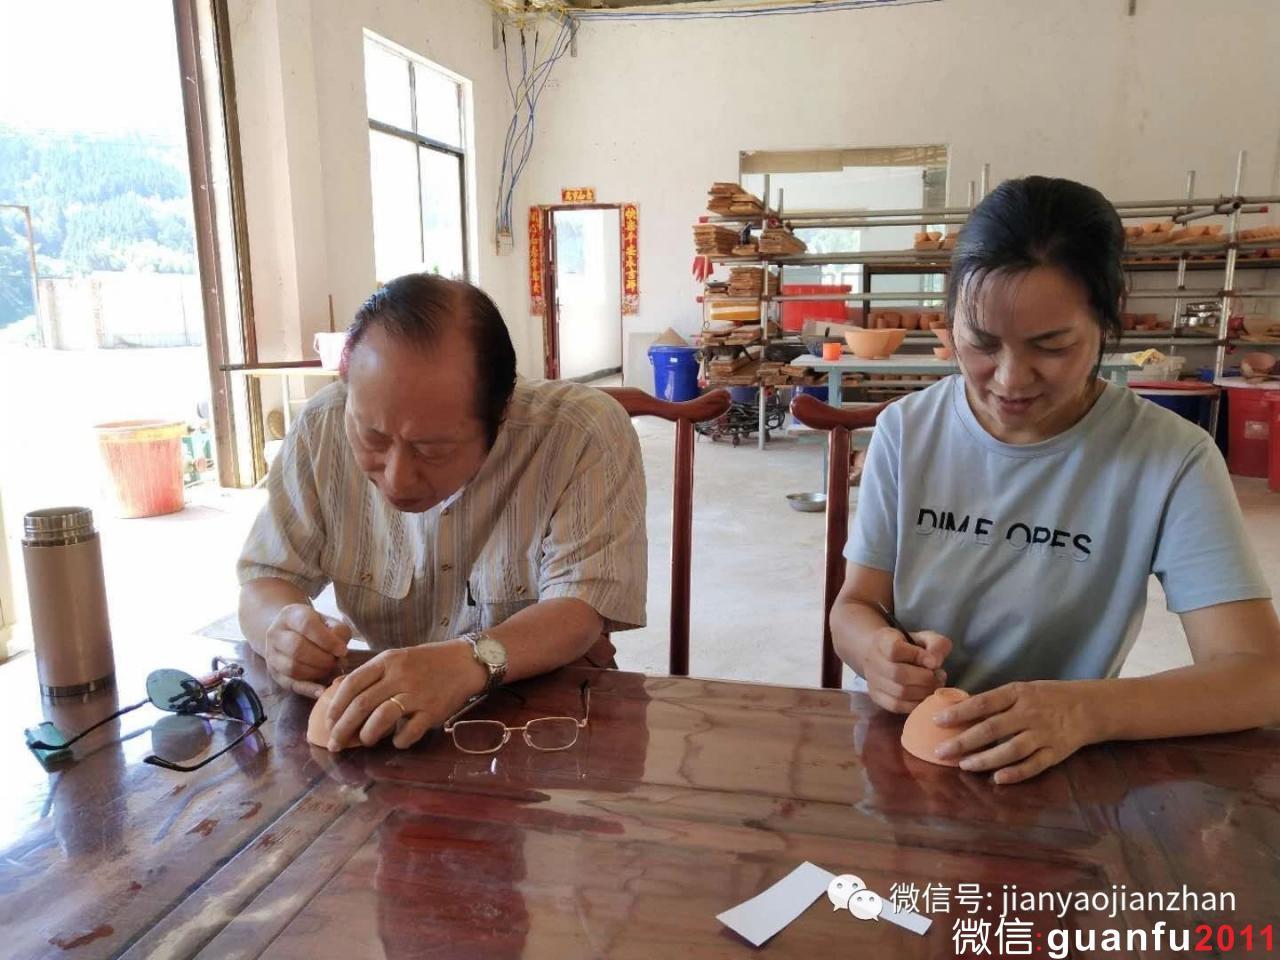 国内外顶尖建盏陶艺专家莅临菅氏陶瓷体验纯原矿秞石建盏烧制